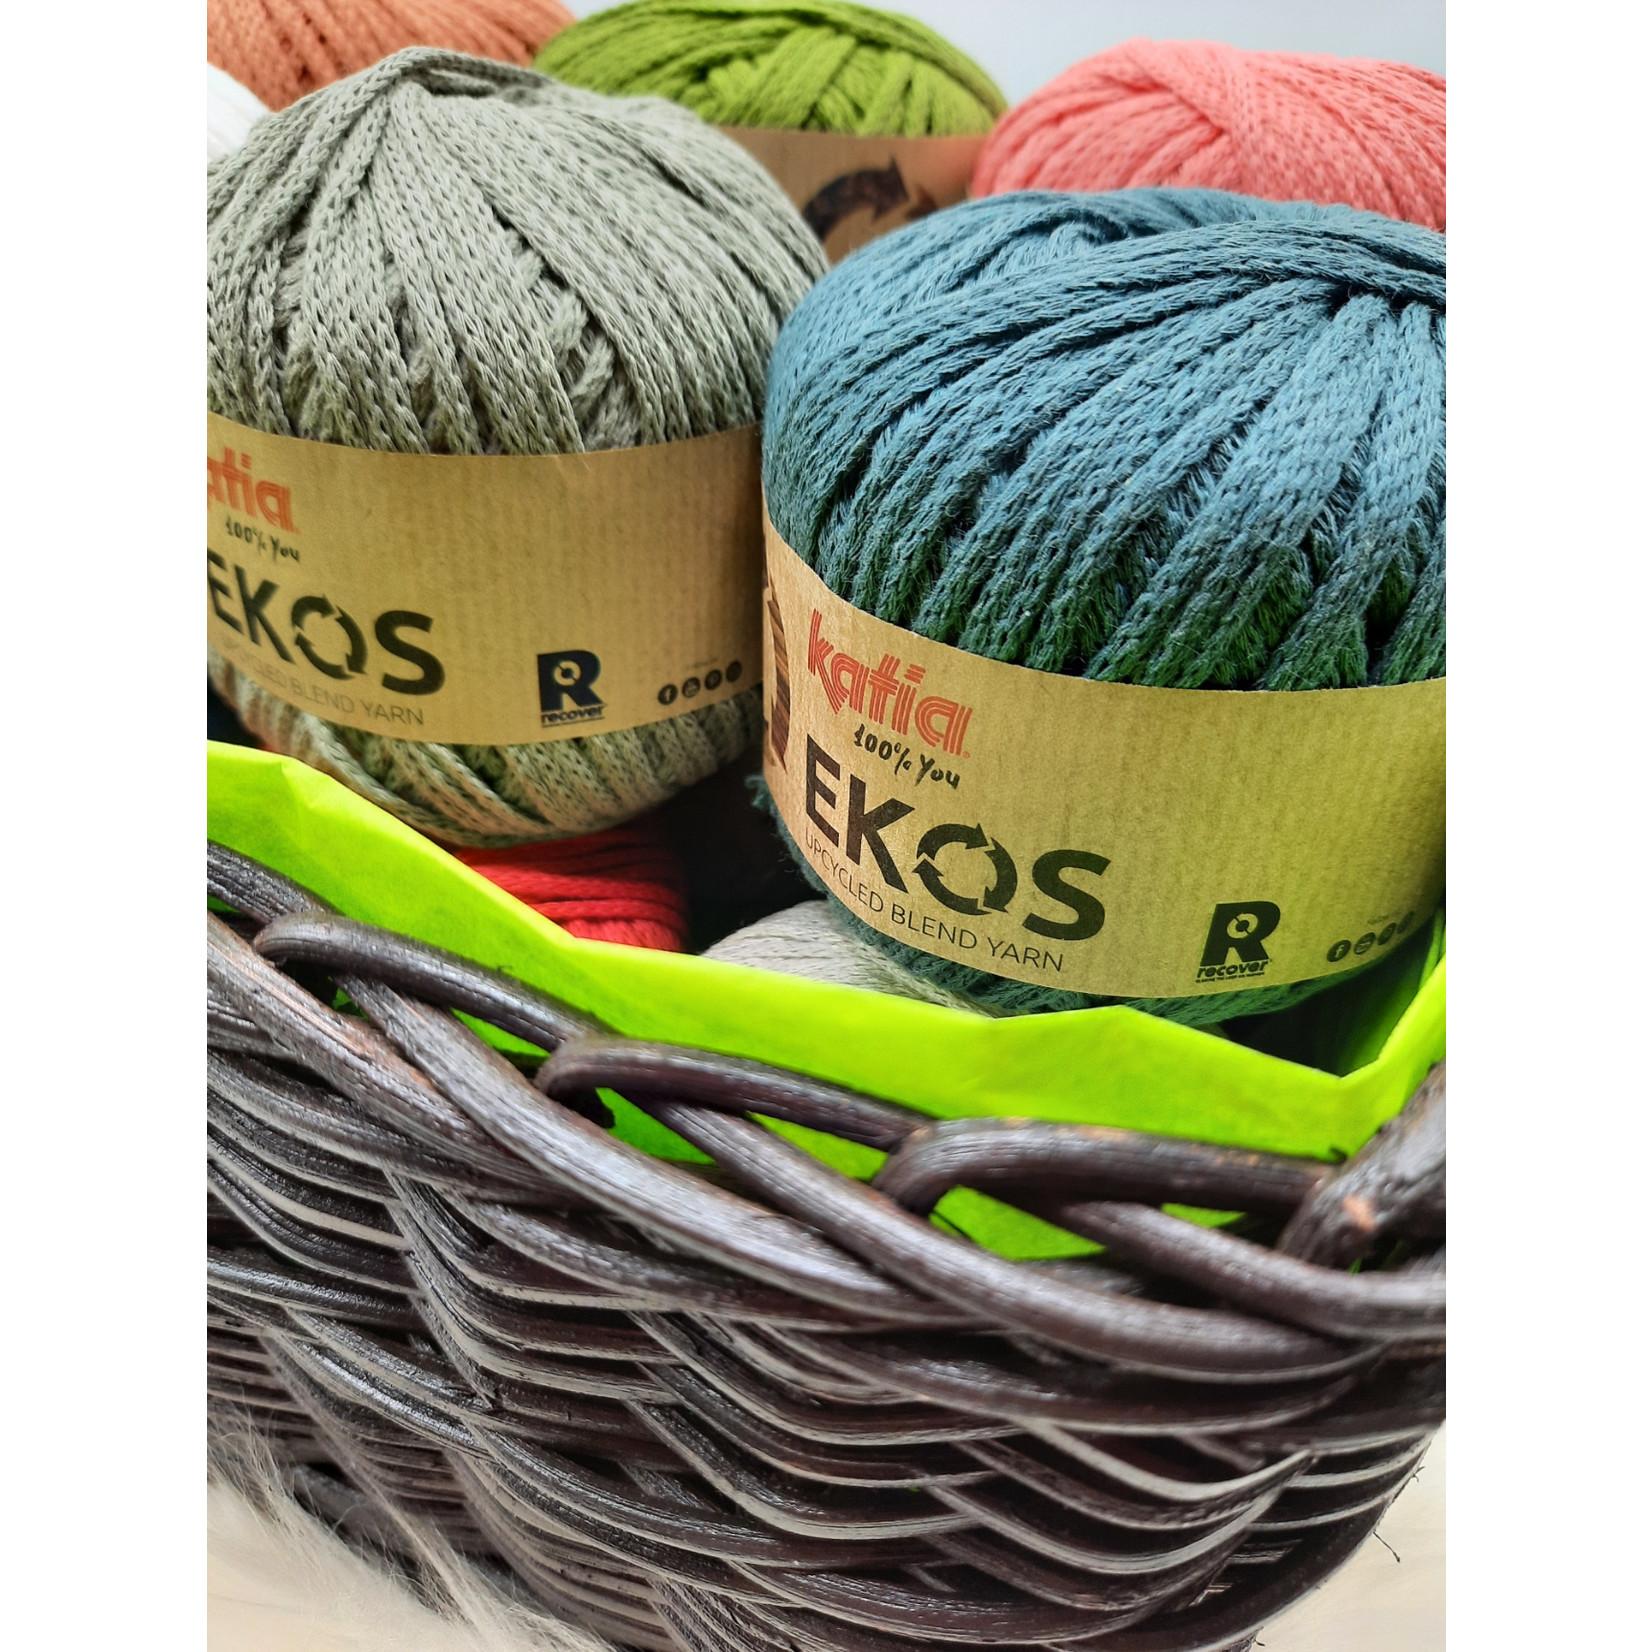 Katia Ekos Kleurenbundel in 12 kleuren = 12 bollen x 50 gr.